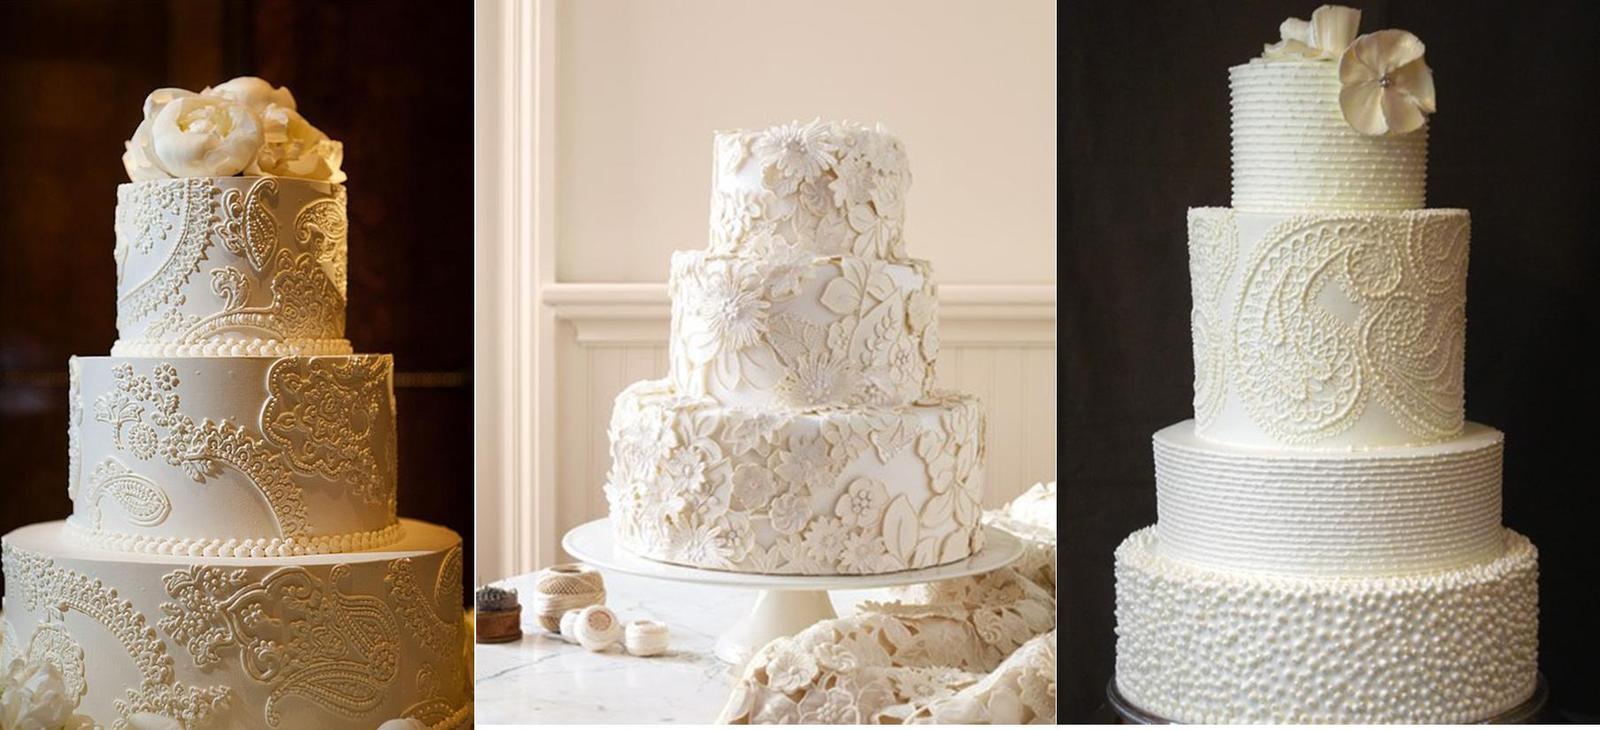 Svatba komplet čistě bílá - Obrázek č. 96